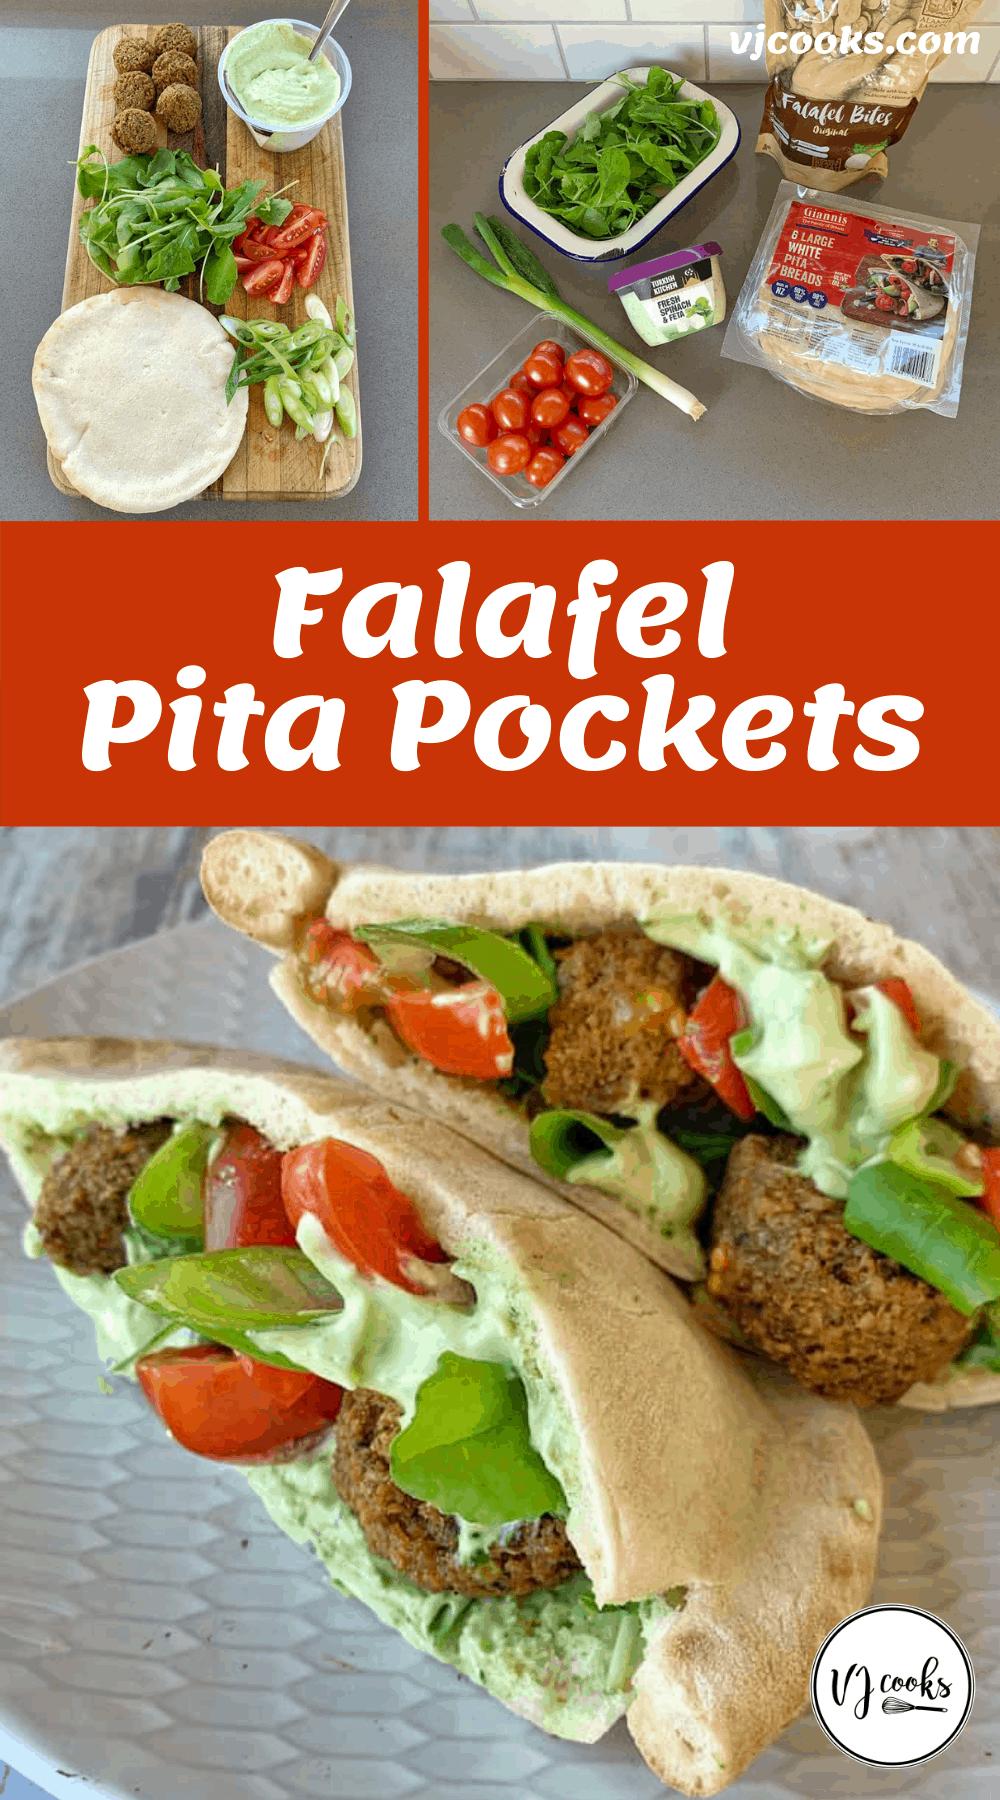 Falafel pita pockets